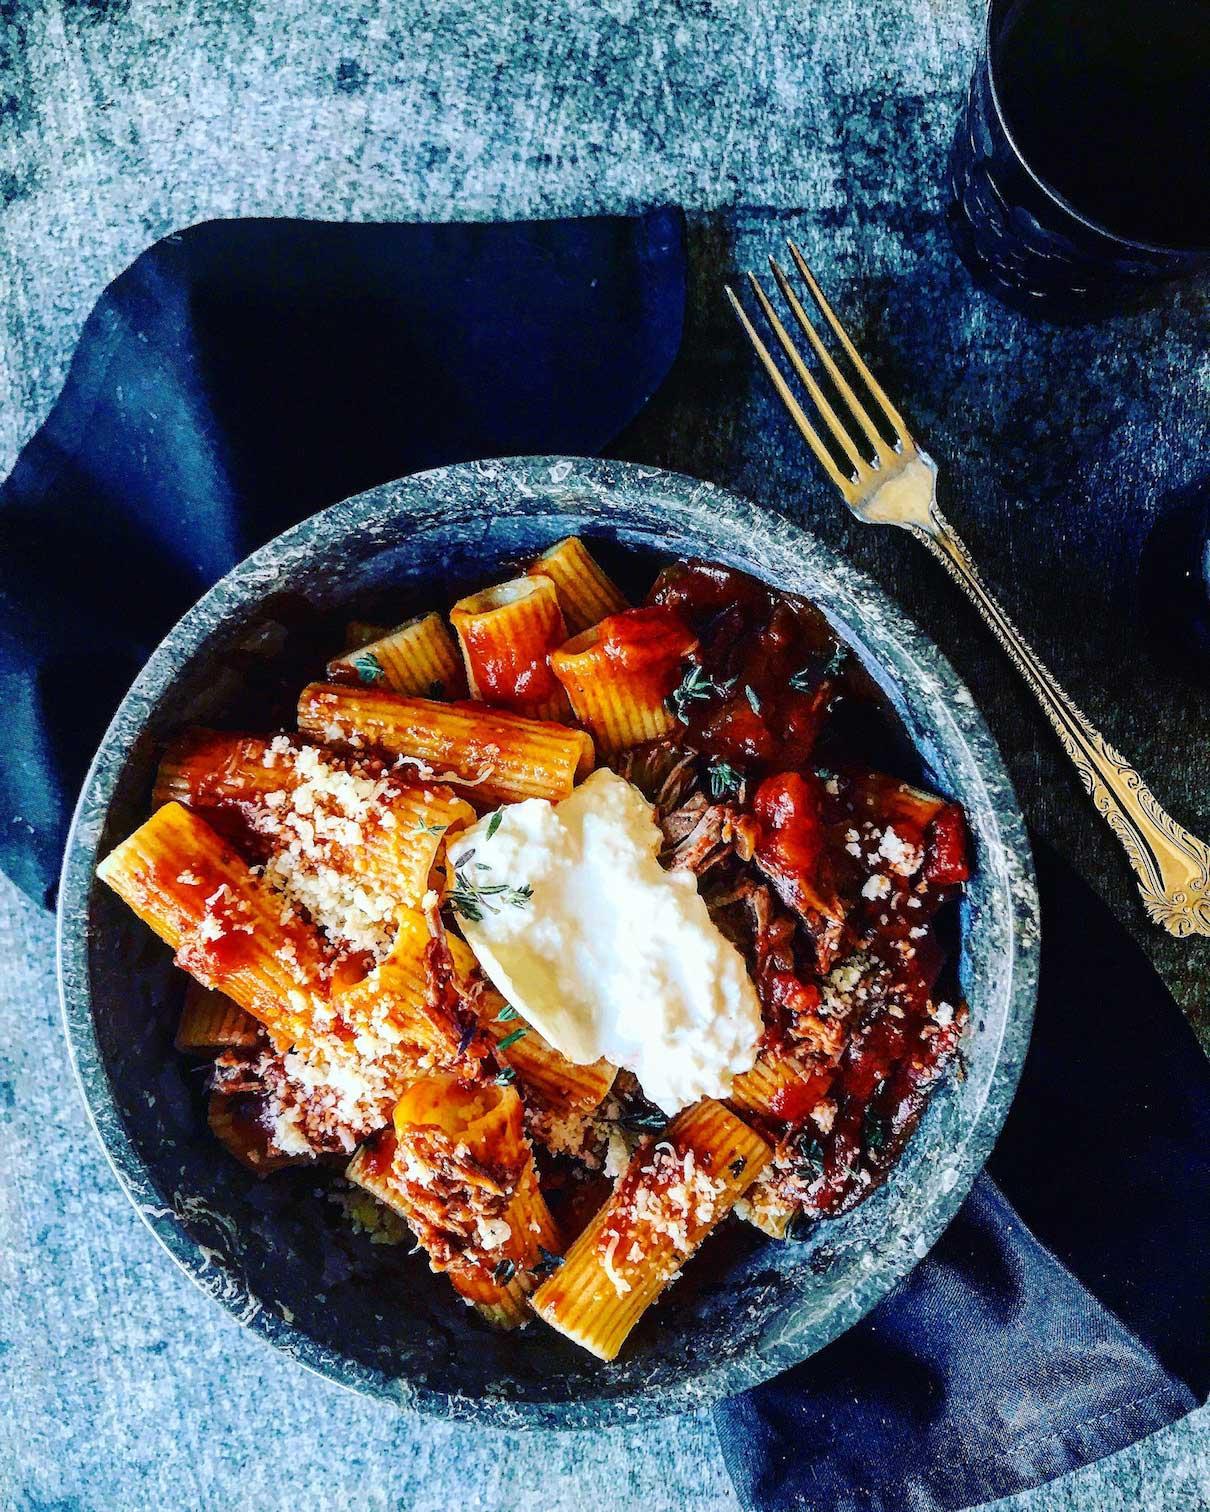 Recipe: Braised Beef Ragu with Rigatoni and Burrata